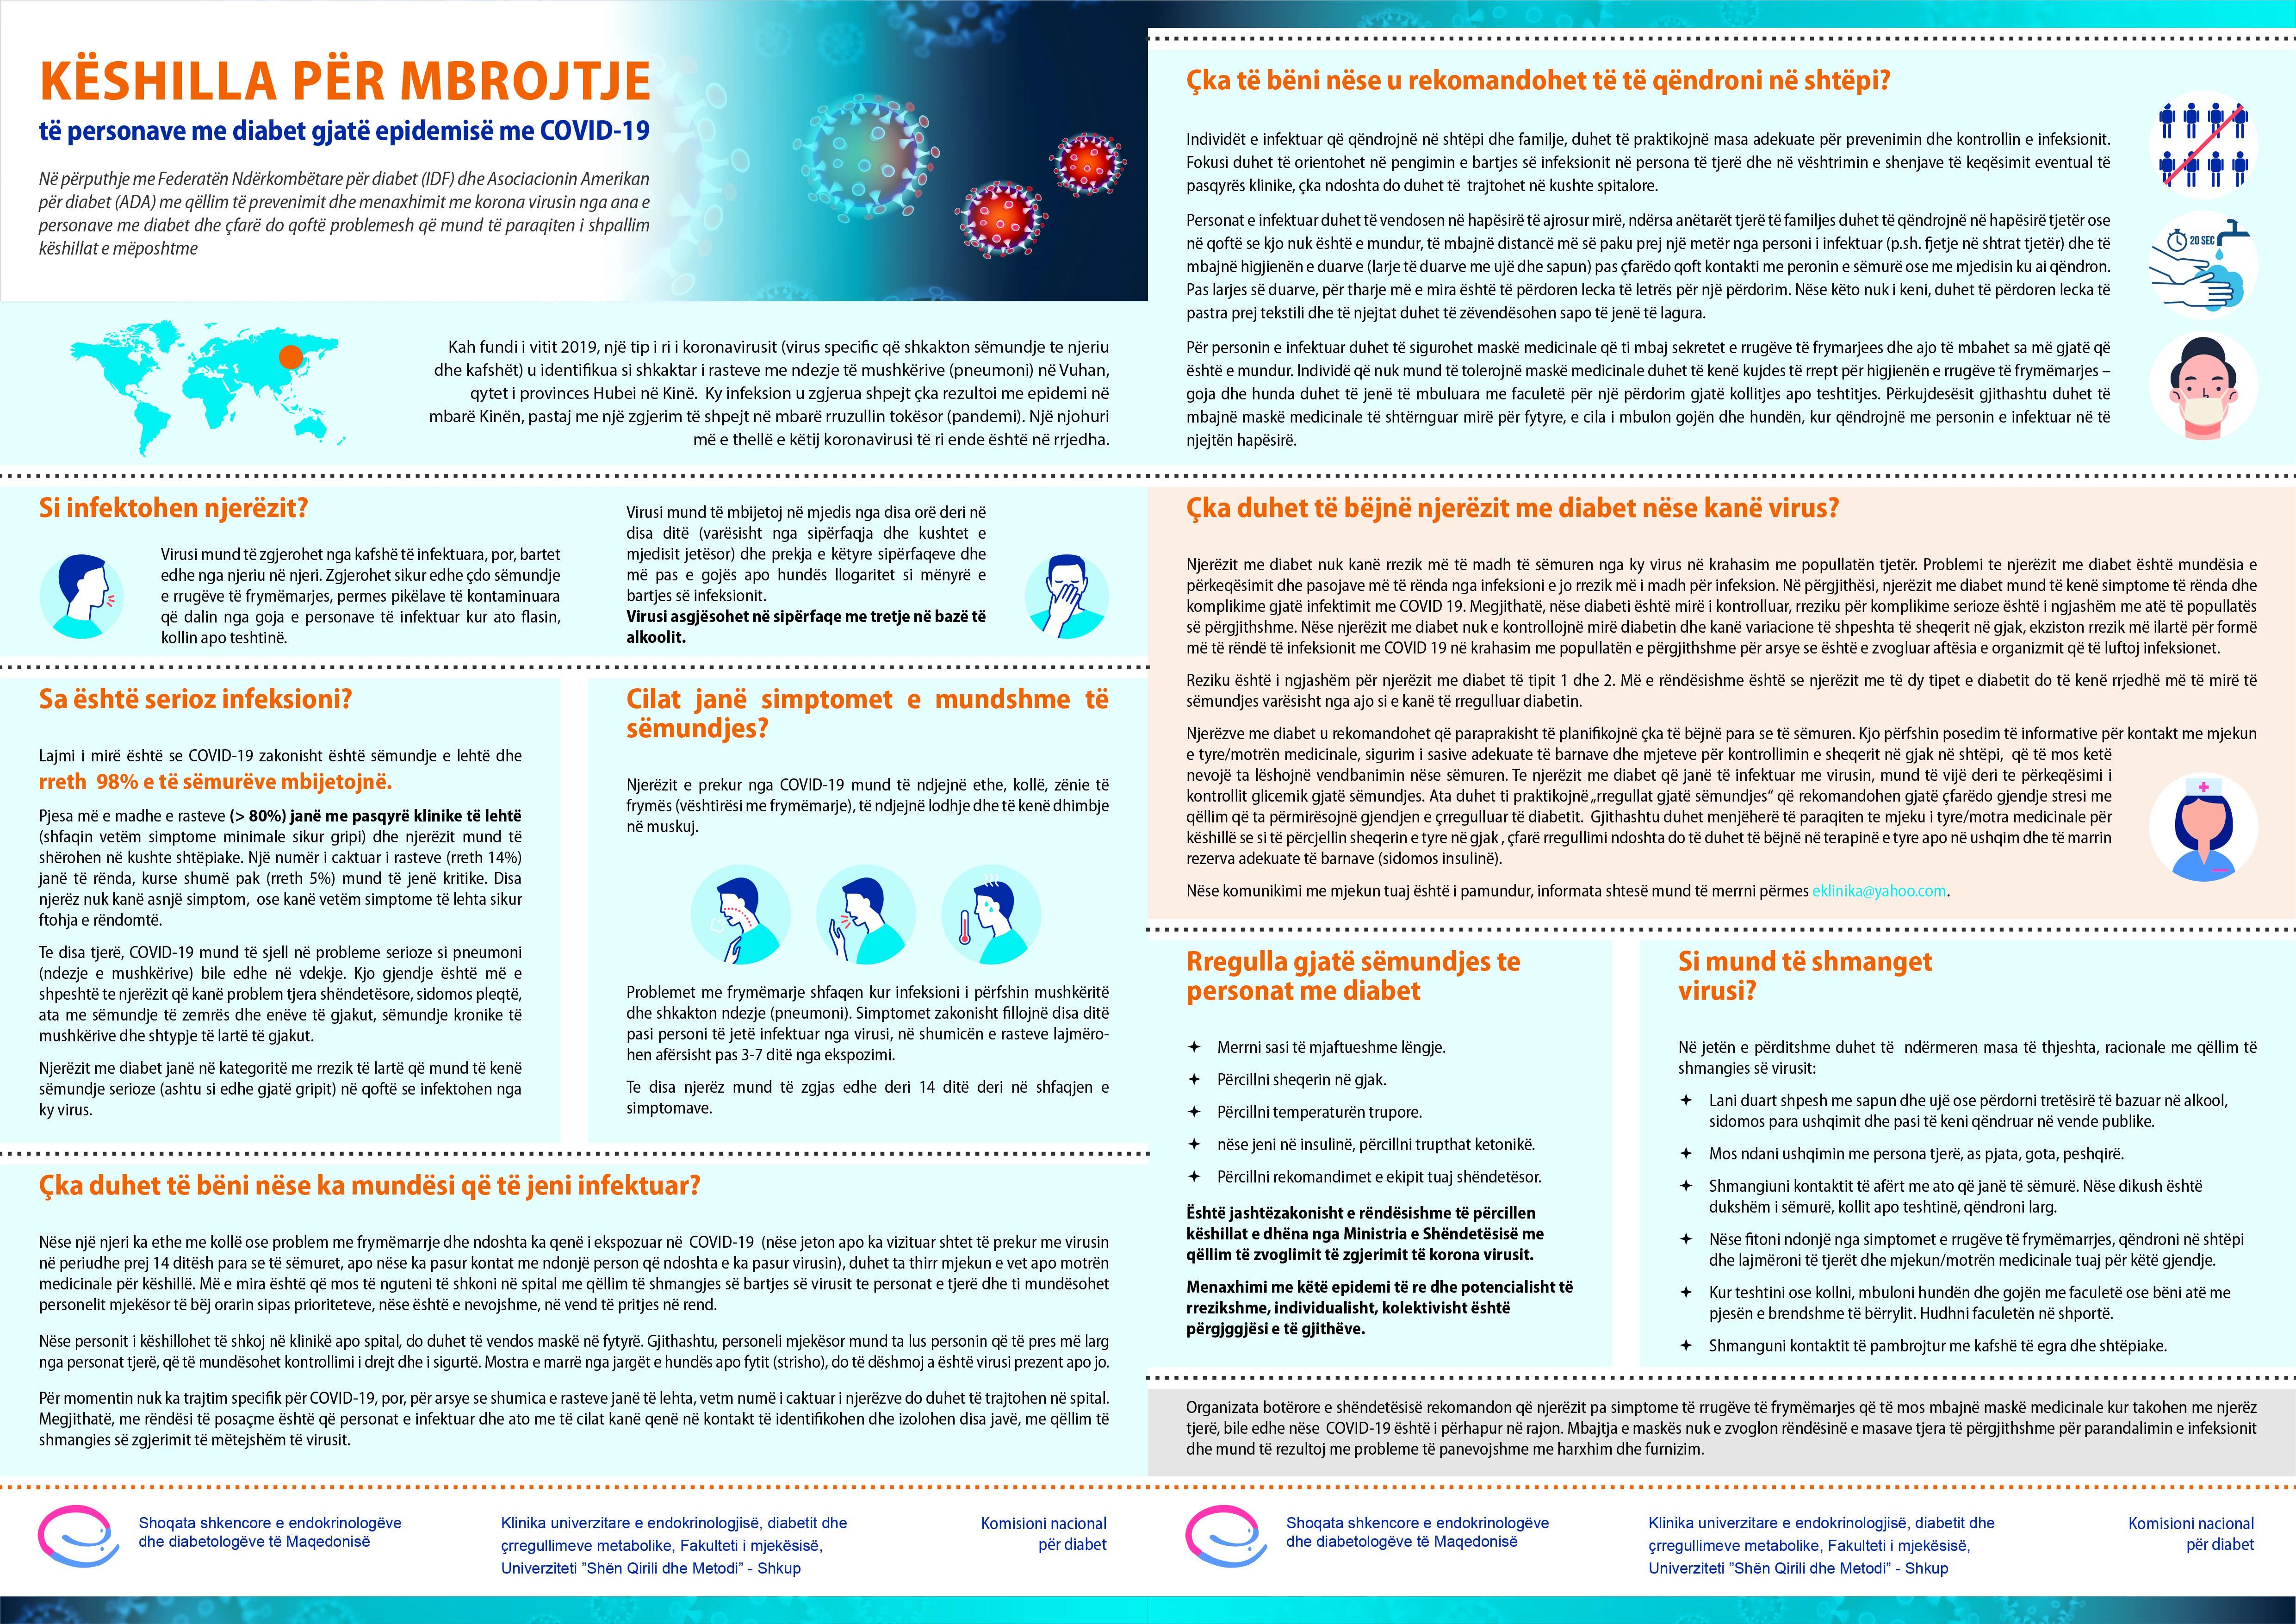 ПРЕПОРАКИ ЗА ЗАШТИТА на лица со дијабетес при епидемија на COVID-19 (алб) (A3)